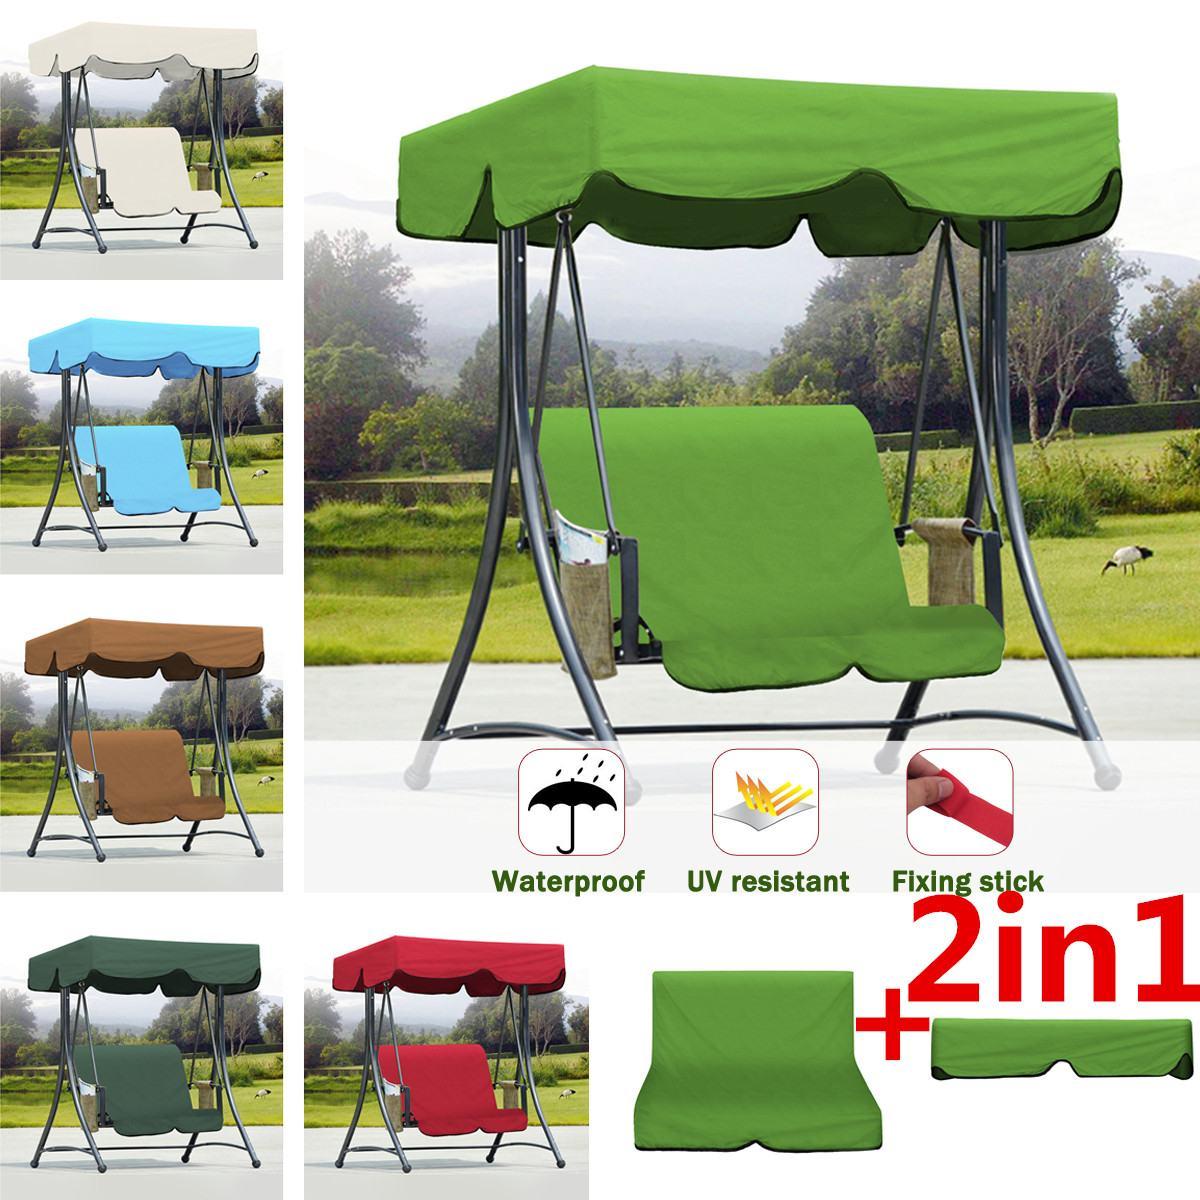 2Pcs Waterproof UV Resistant Swing Hammock Canopy+Chair Cushion Summer Outdoor Indoor Garden Courtyard Tent Swing Top Cover